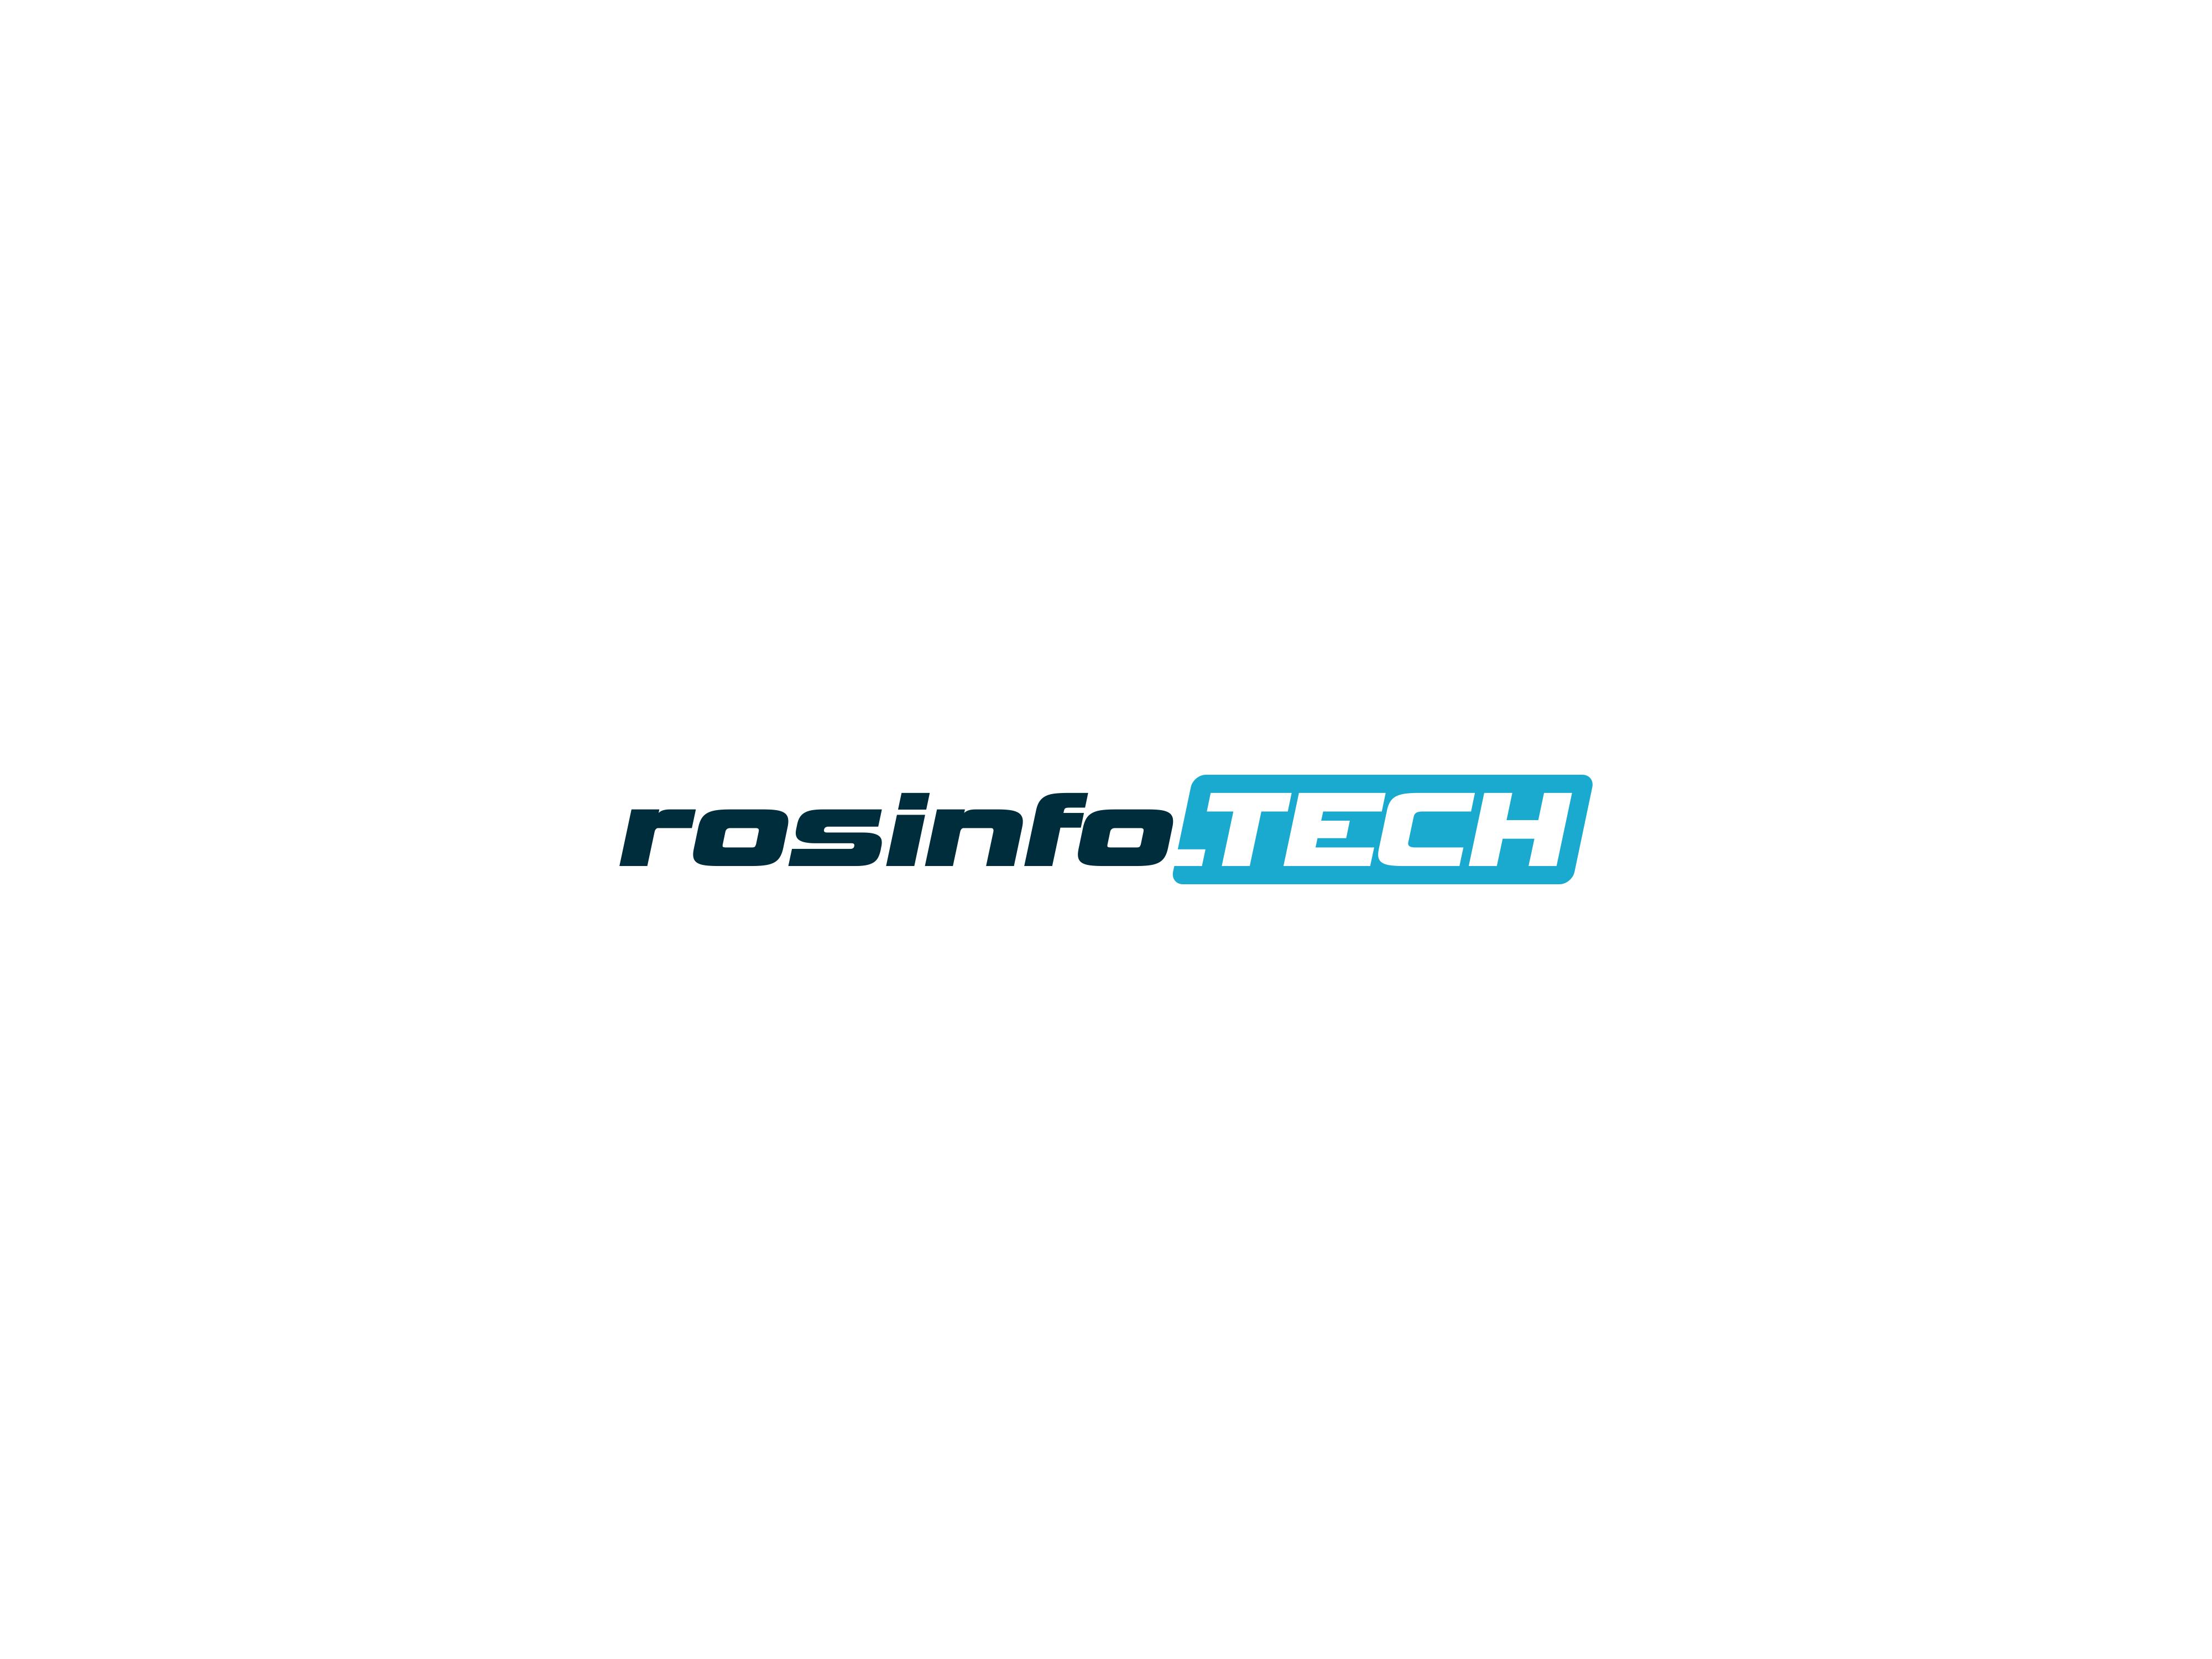 Разработка пакета айдентики rosinfo.tech фото f_3035e2b4a60eabe1.png